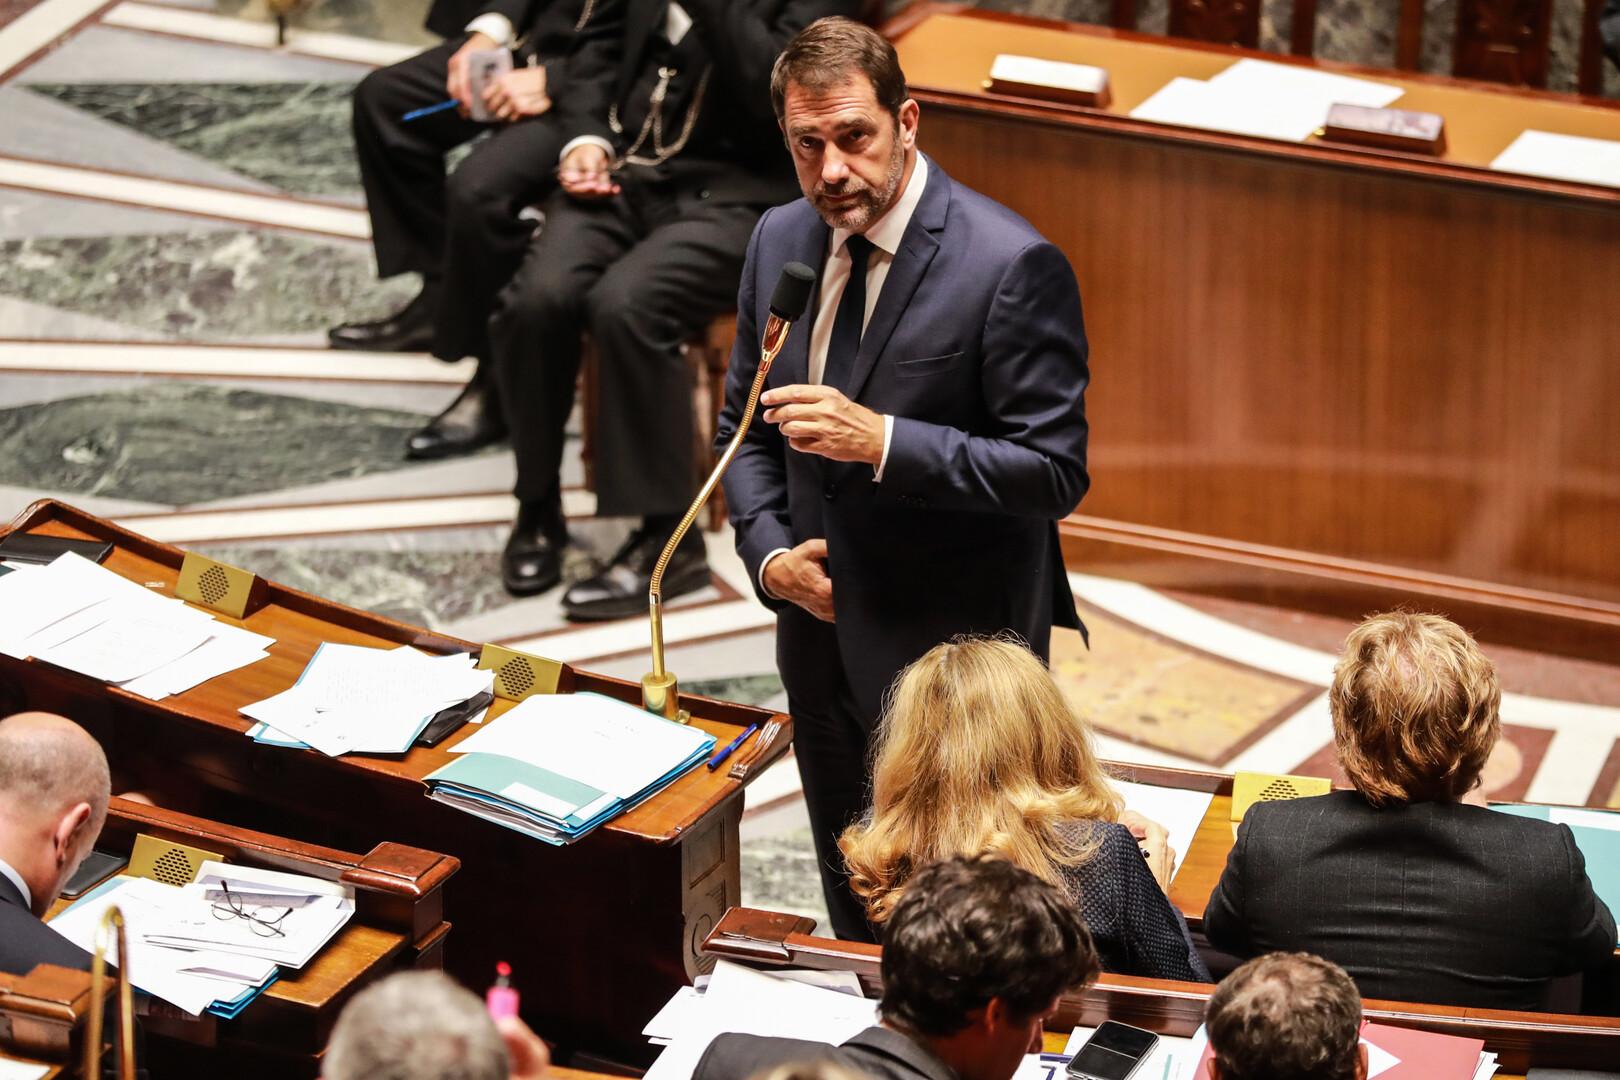 وزير الداخلية الفرنسي: خطر الإرهاب في البلاد يتراوح بين مرتفع ومرتفع جدا